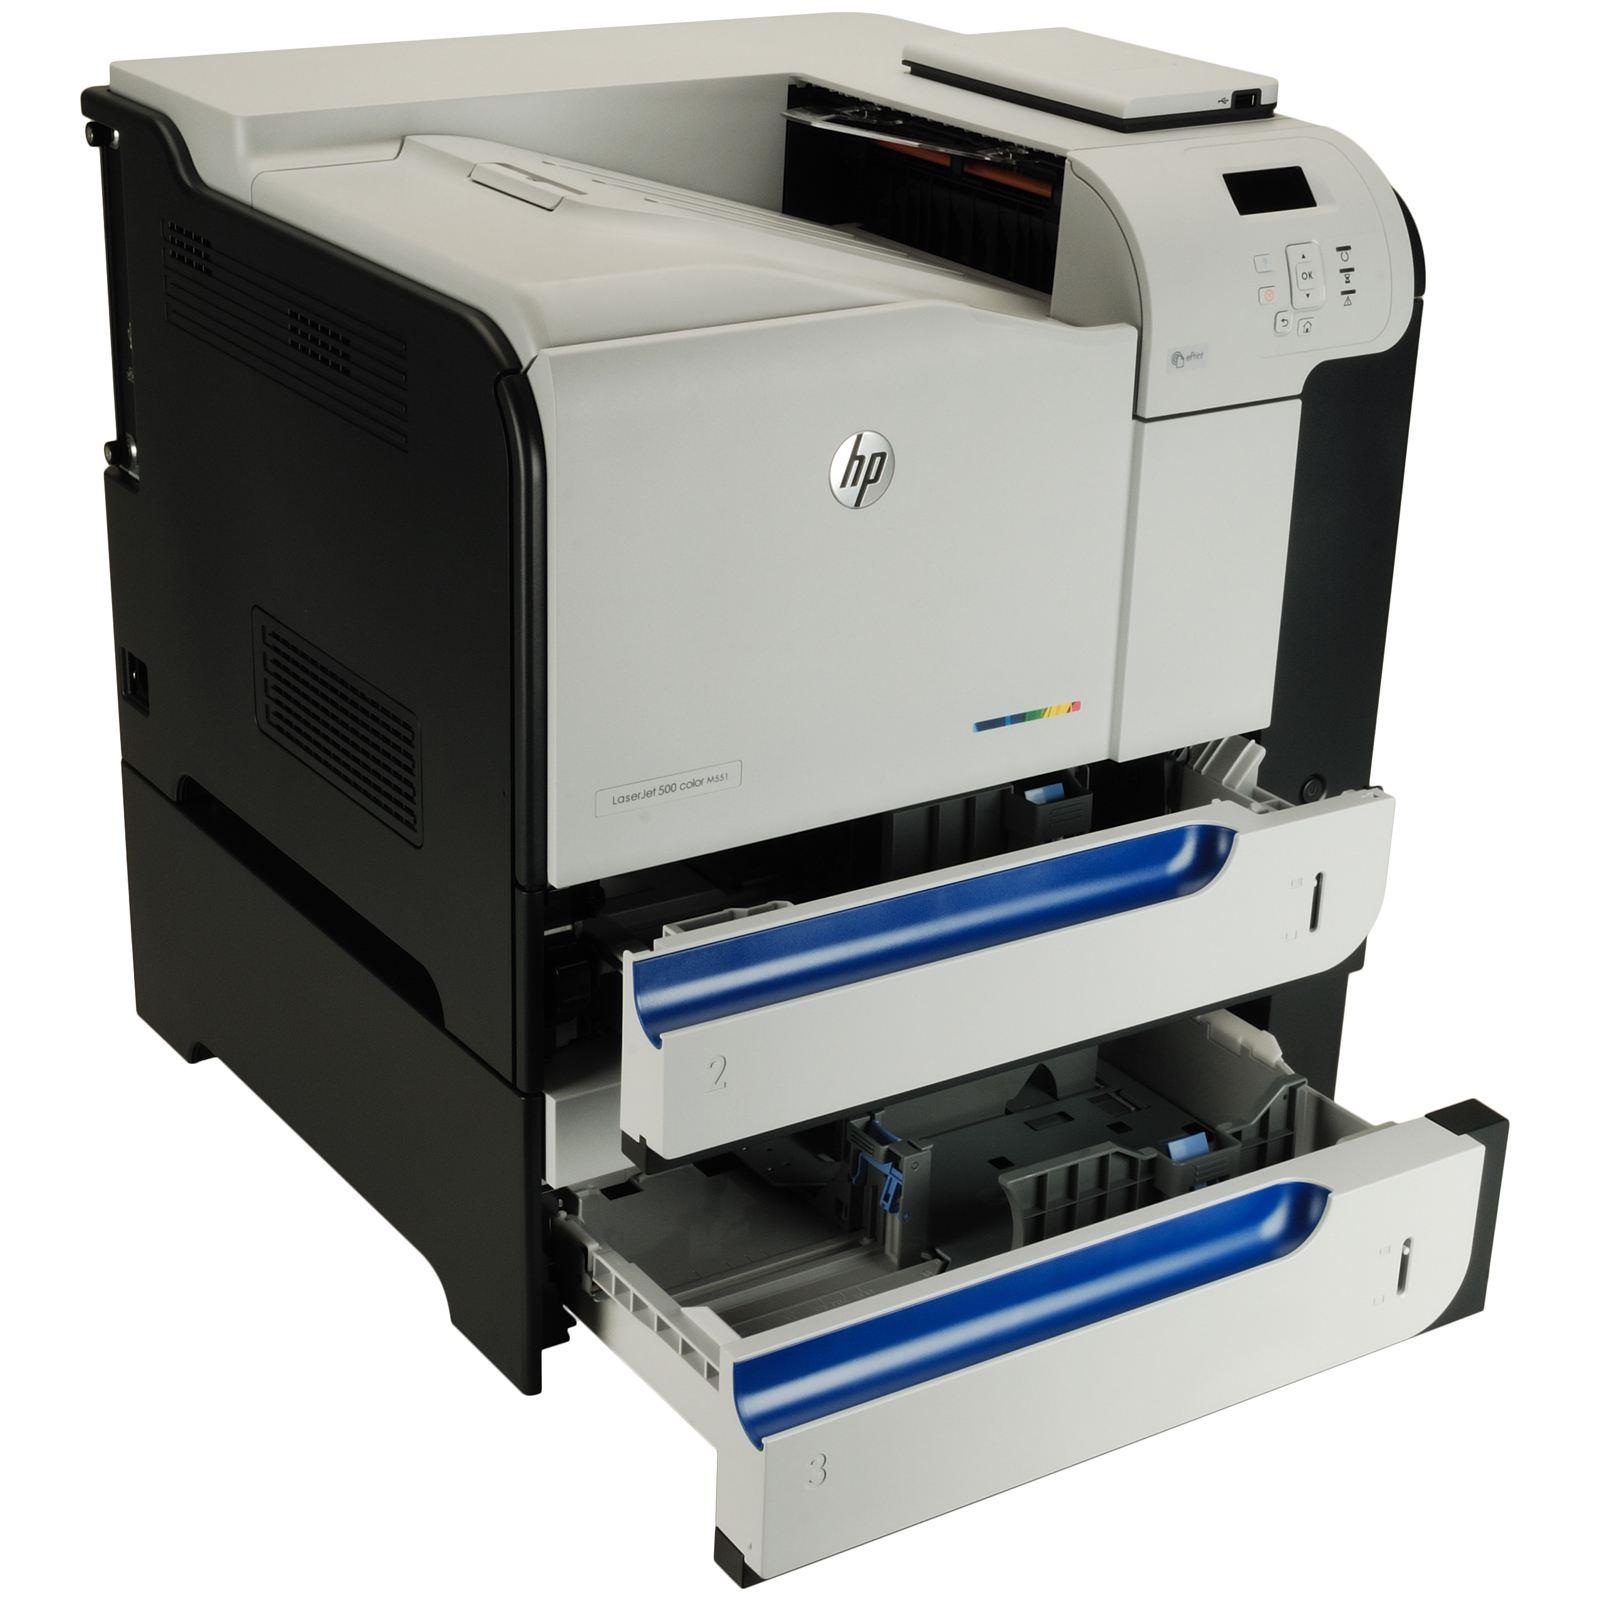 Laserjet 500 M551XH